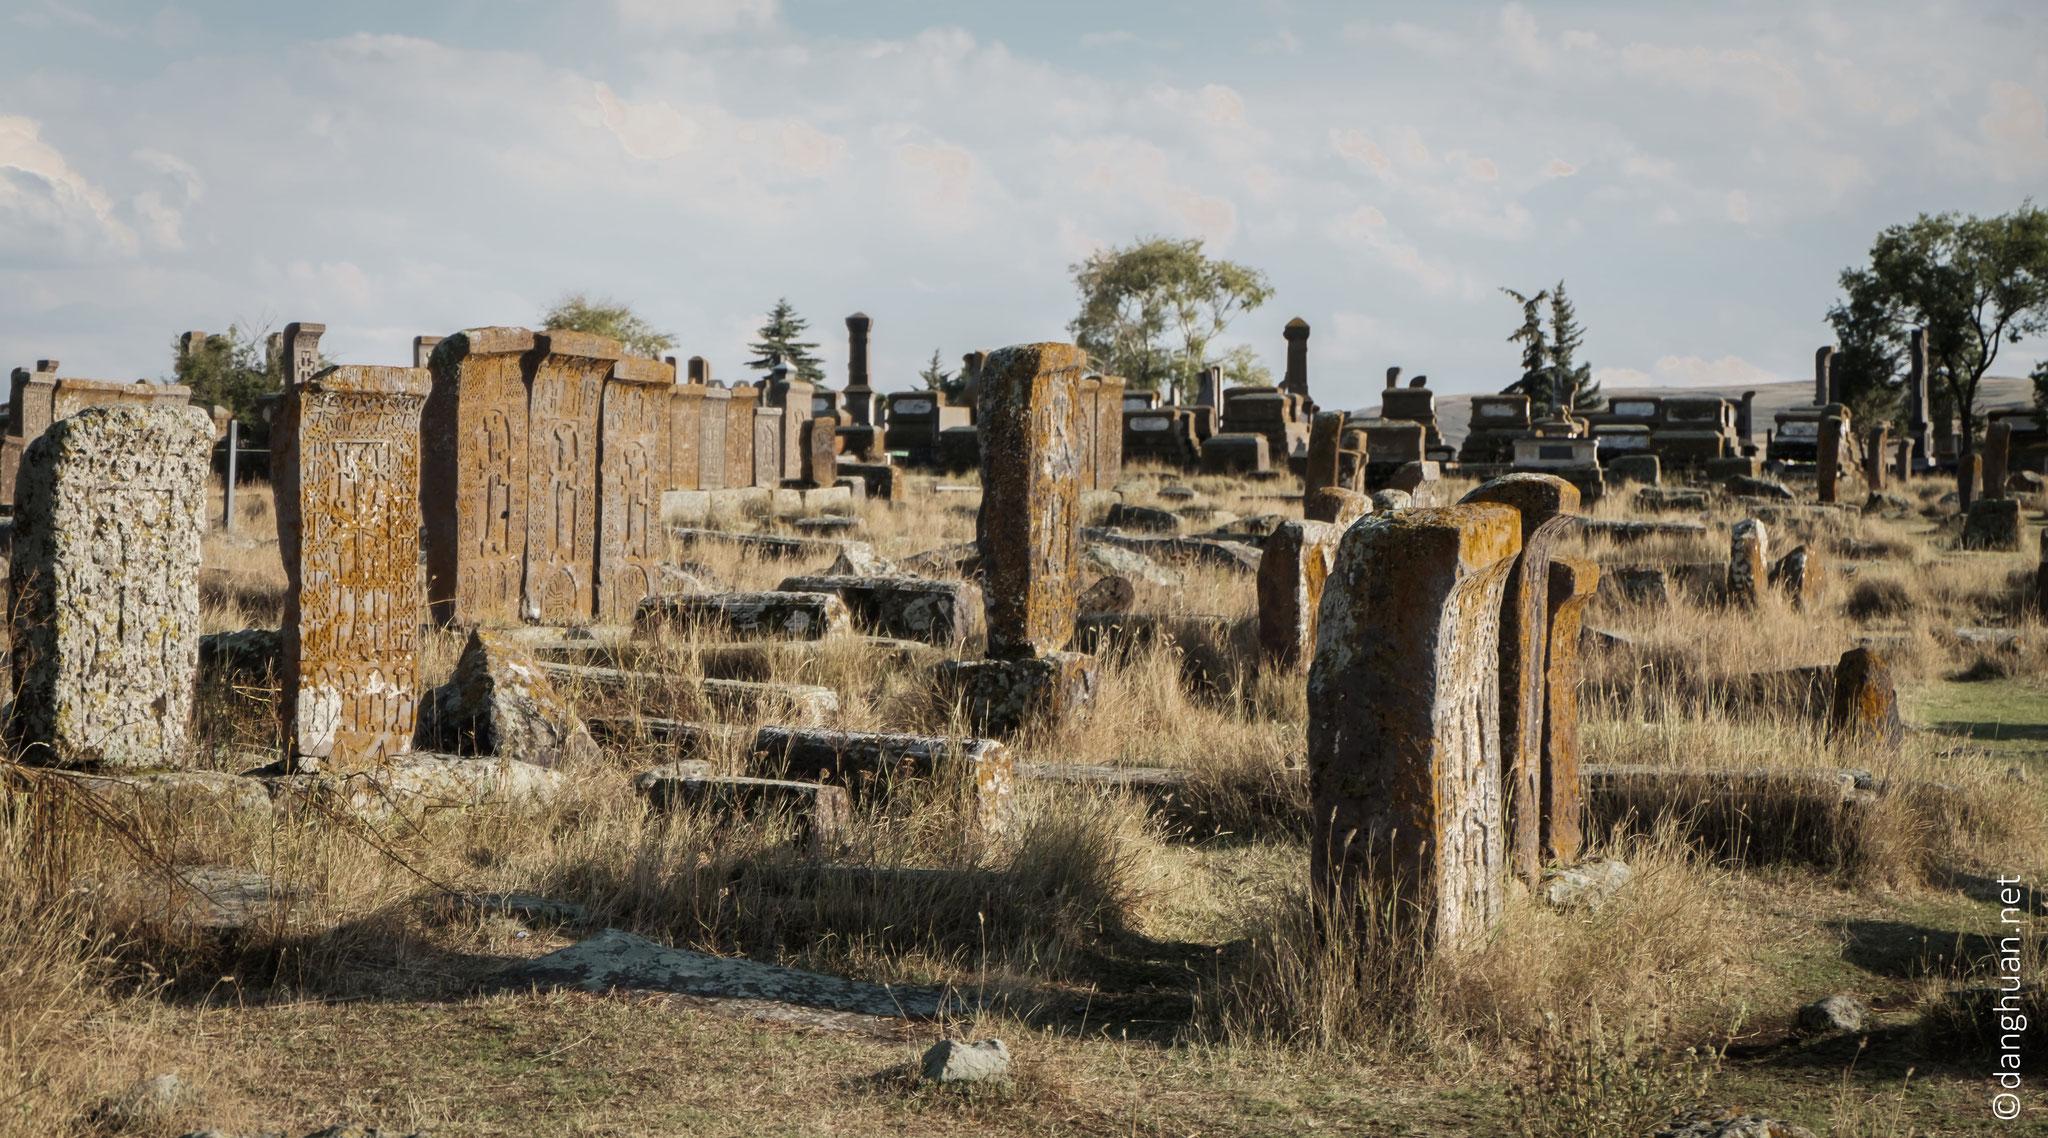 Le plus grand cimetière avec des khatchkars est celui du village de Noratus qui comprend environ 1000 khatchkars datés de X-XVIIè siècle